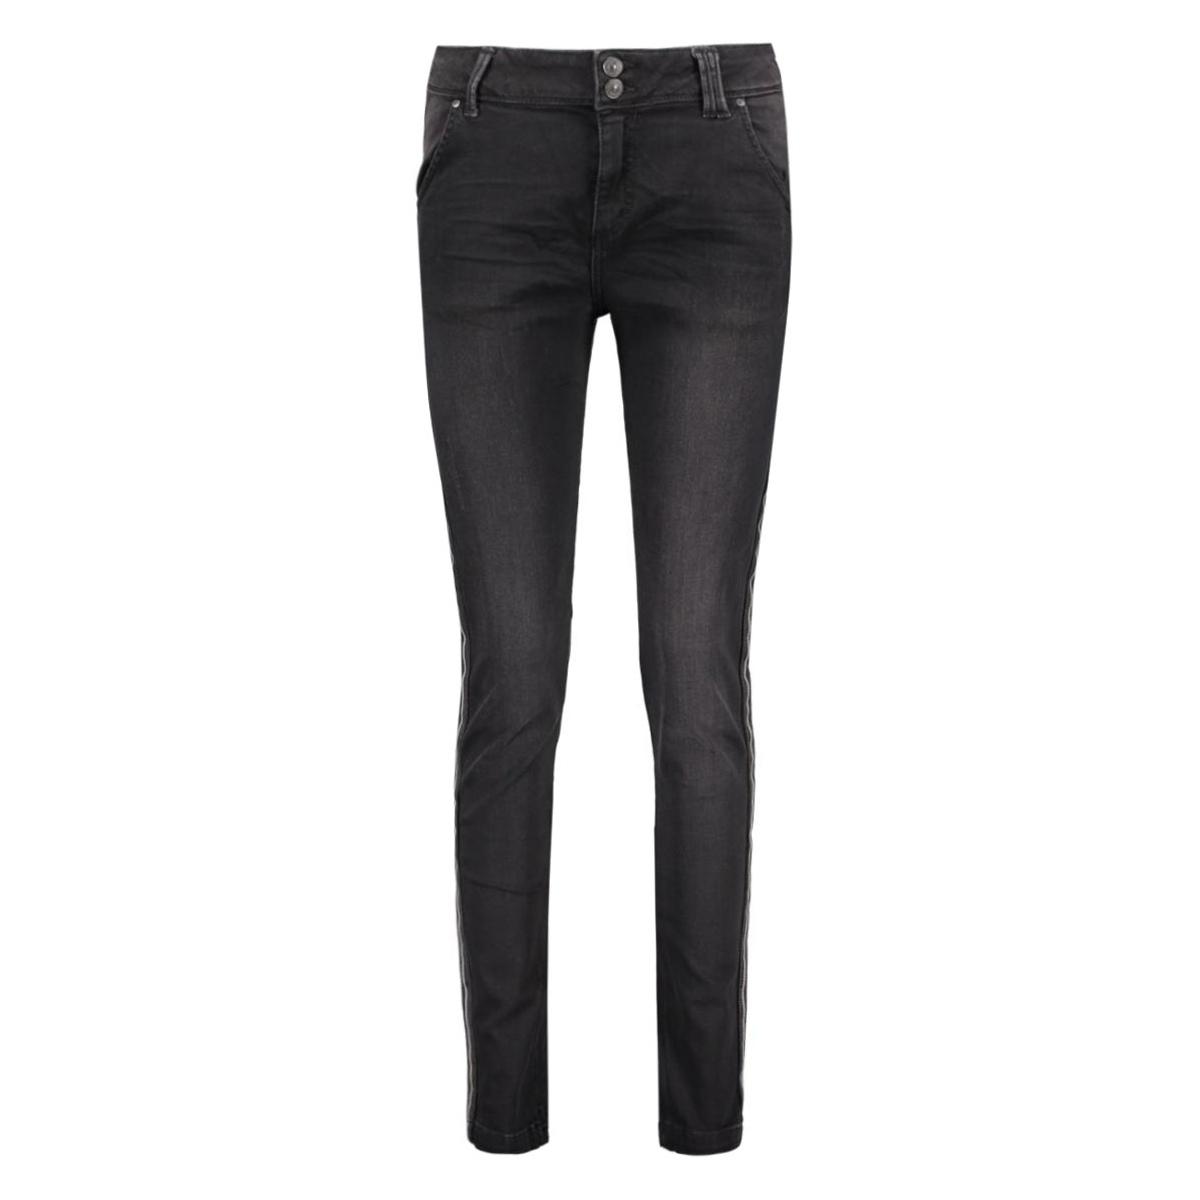 100951035.1880 ltb jeans black